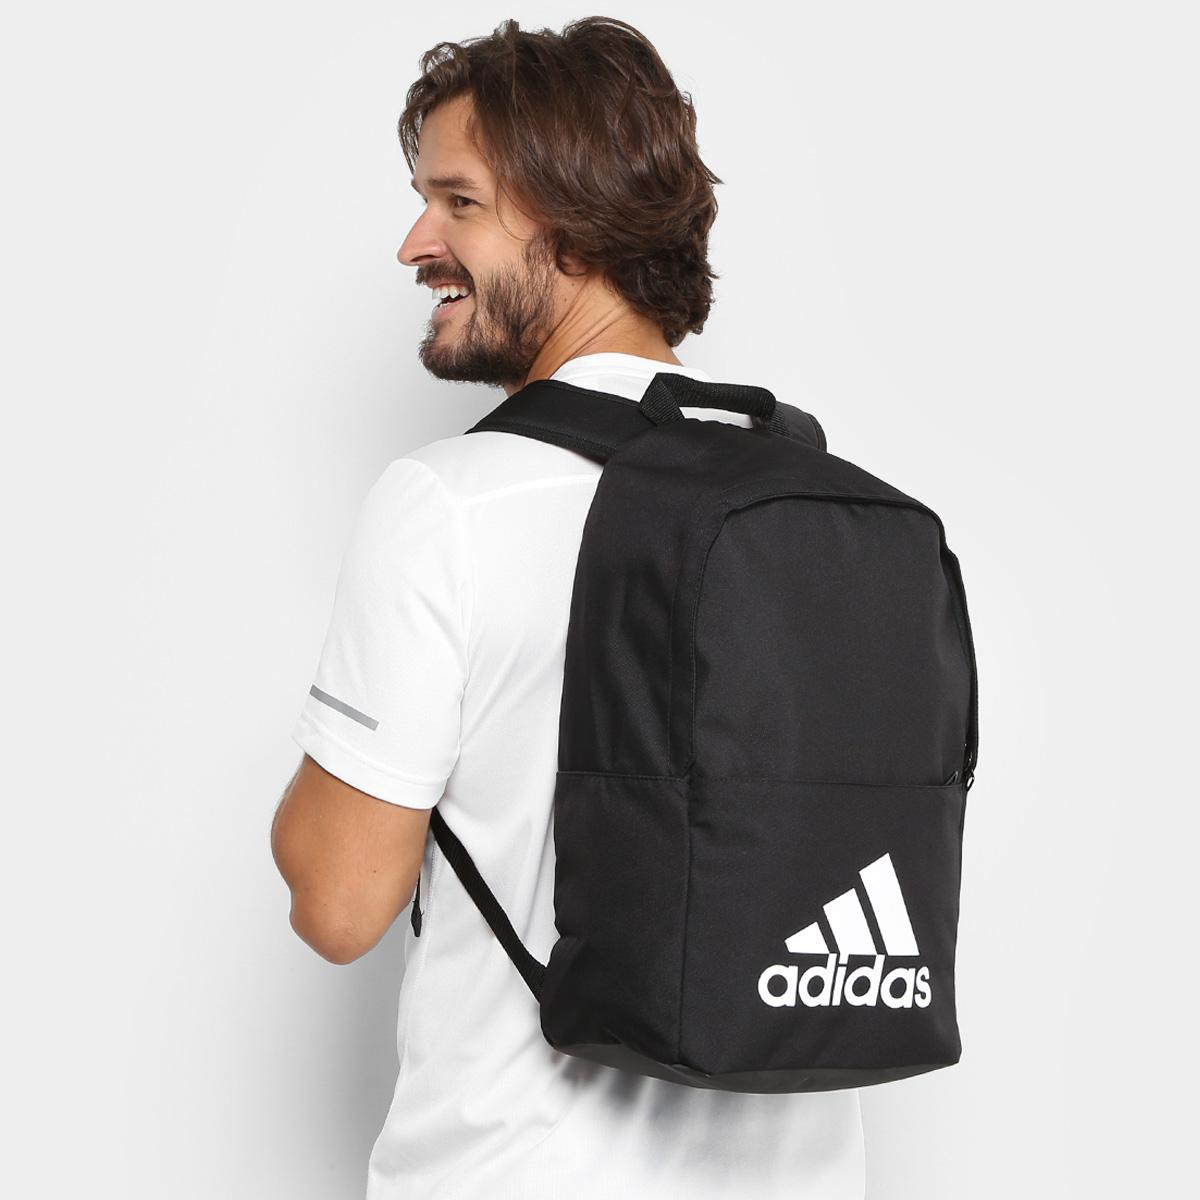 mochila adidas - Netshoes - Mochila Adidas Classic - R$ 77,99